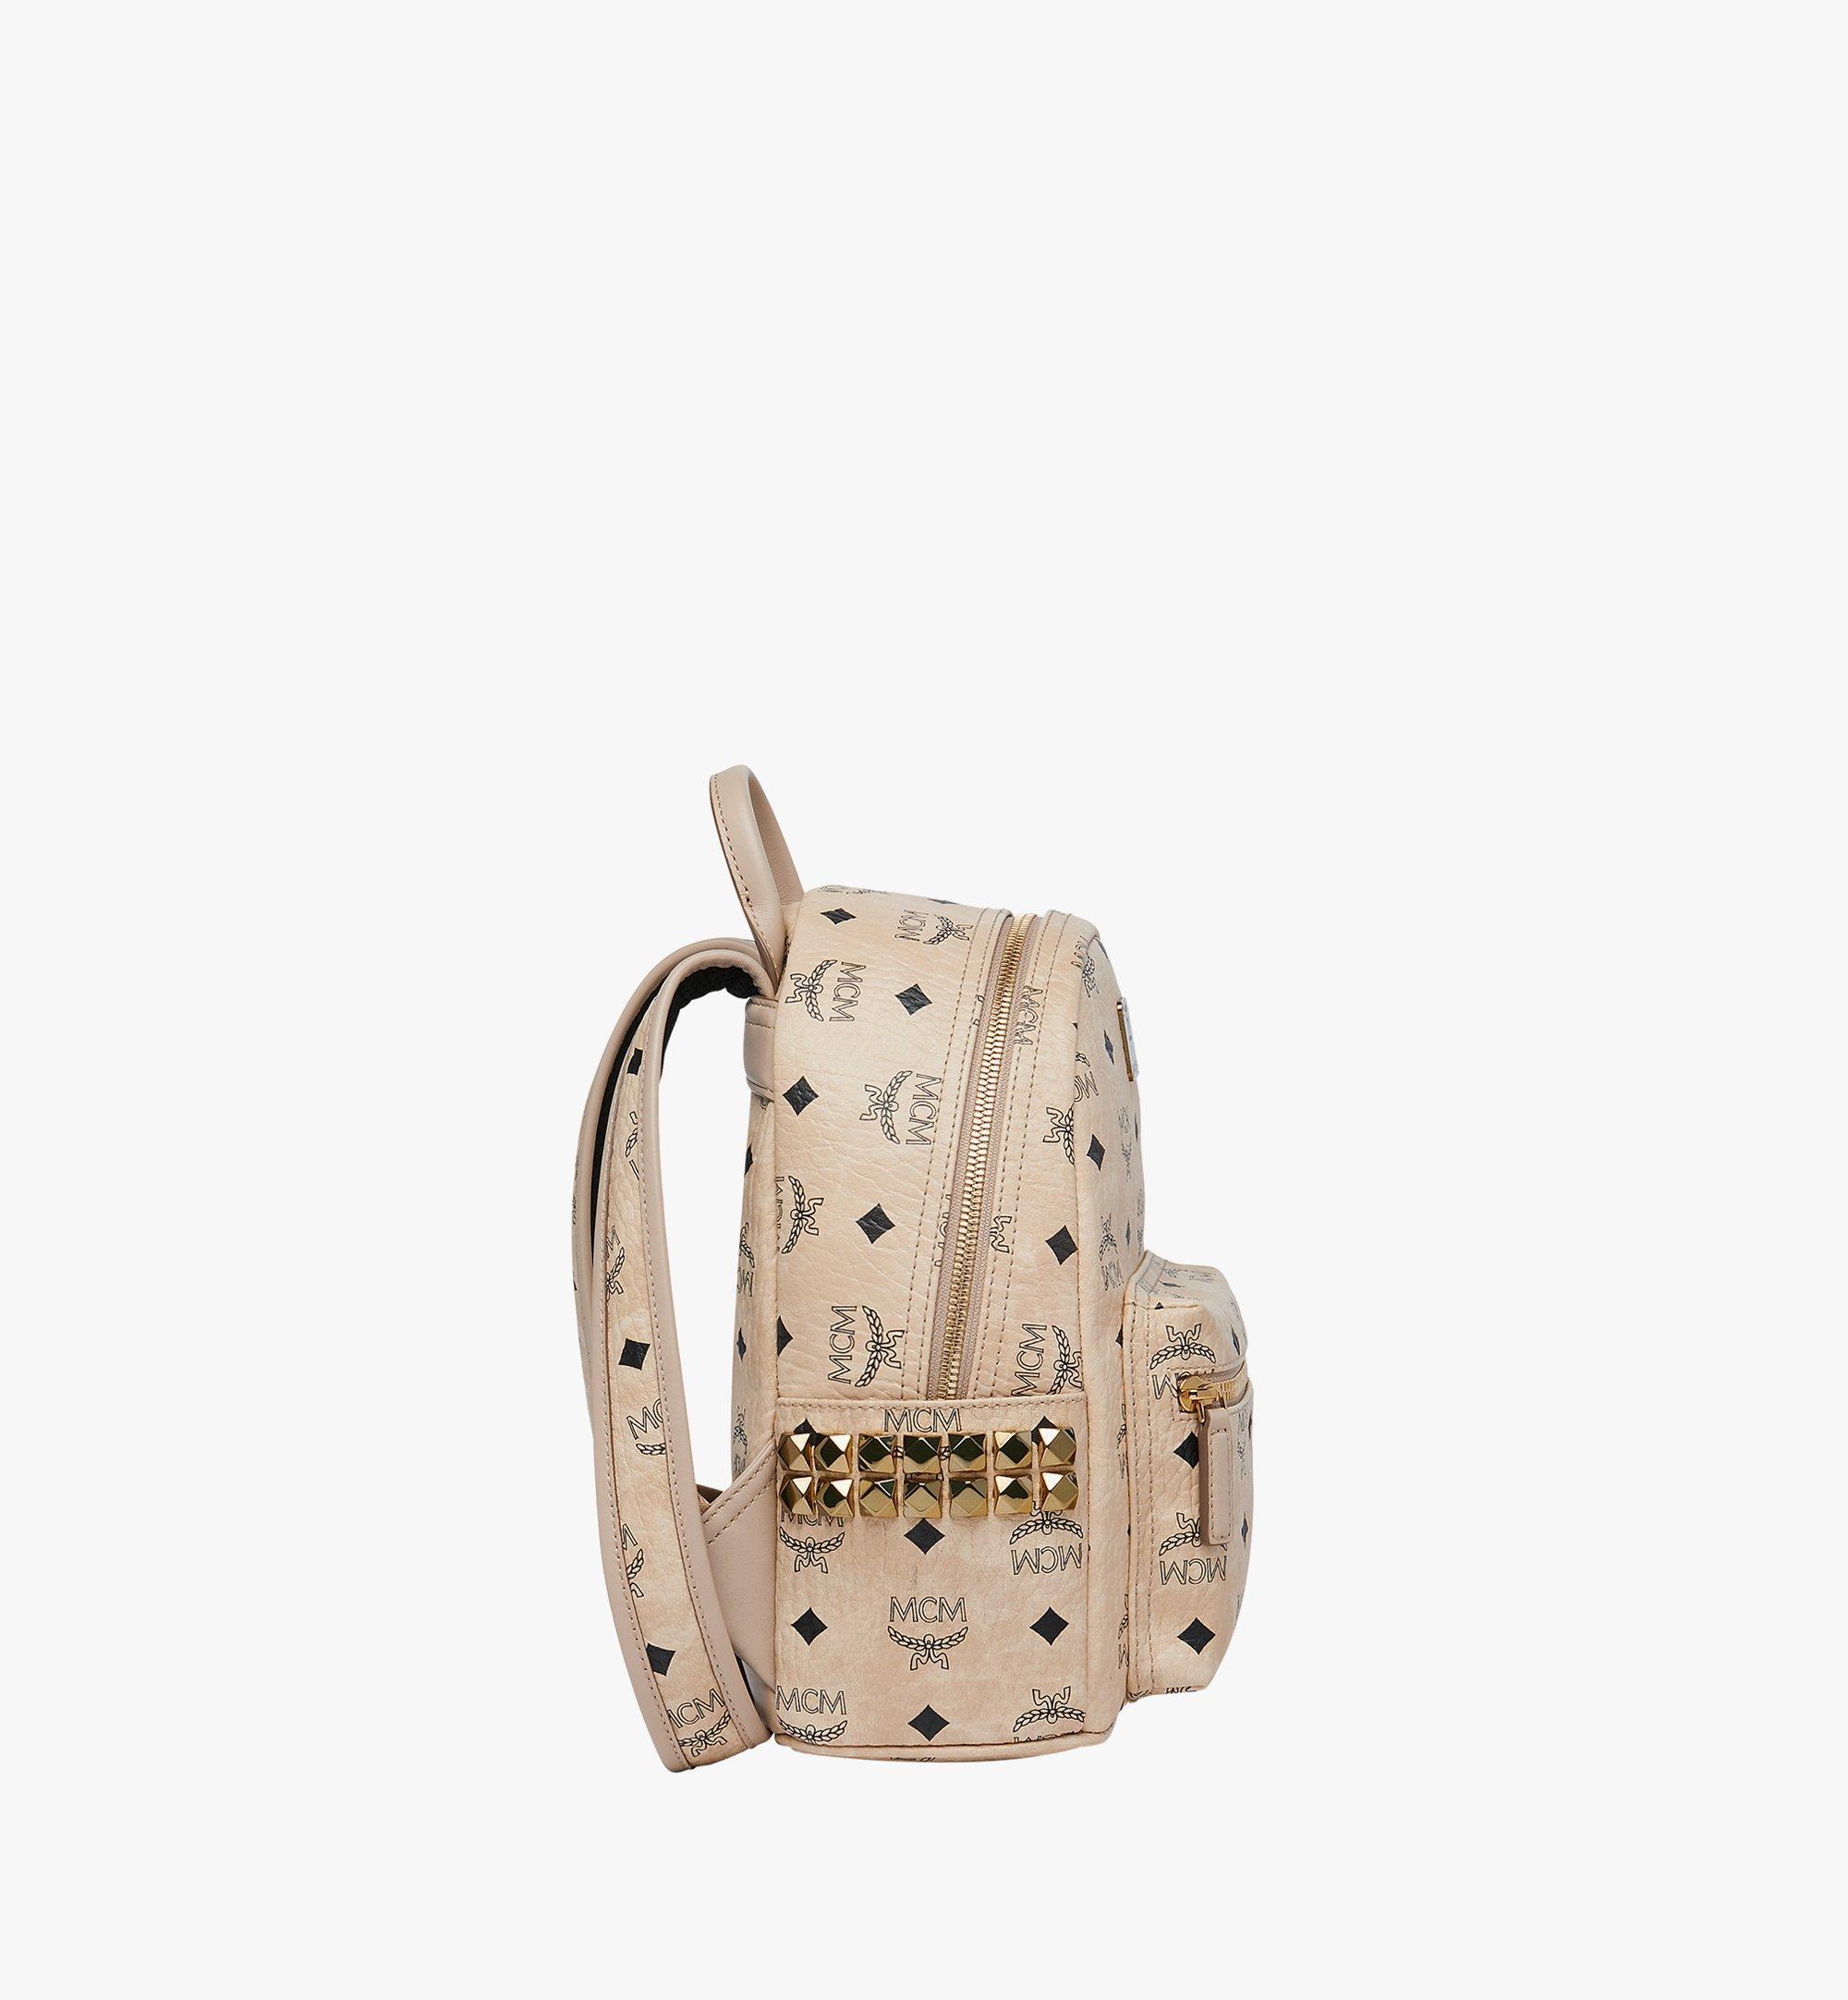 MCM Stark Side Studs Backpack in Visetos Beige MMK6SVE41IG001 Alternate View 3